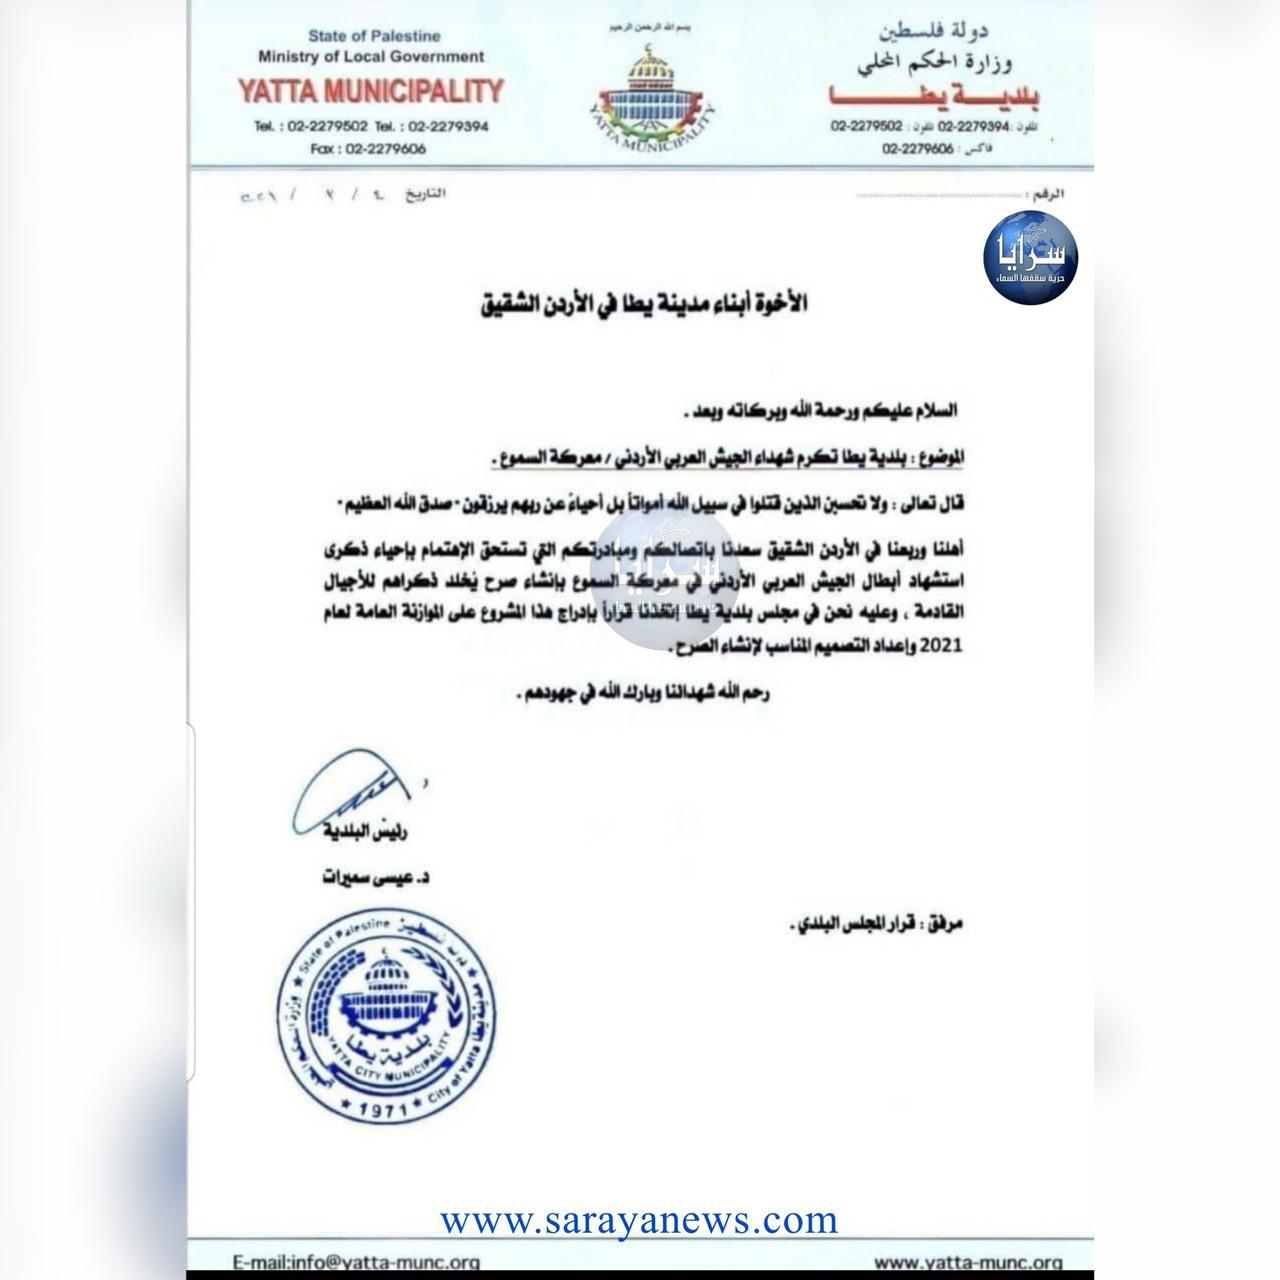 """بلدية """"يطا"""" في محافظة الخليل تُكرّم شهداء الجيش العربي الأردني في معركة """"السموع"""" بنصبٍ تذكاري"""